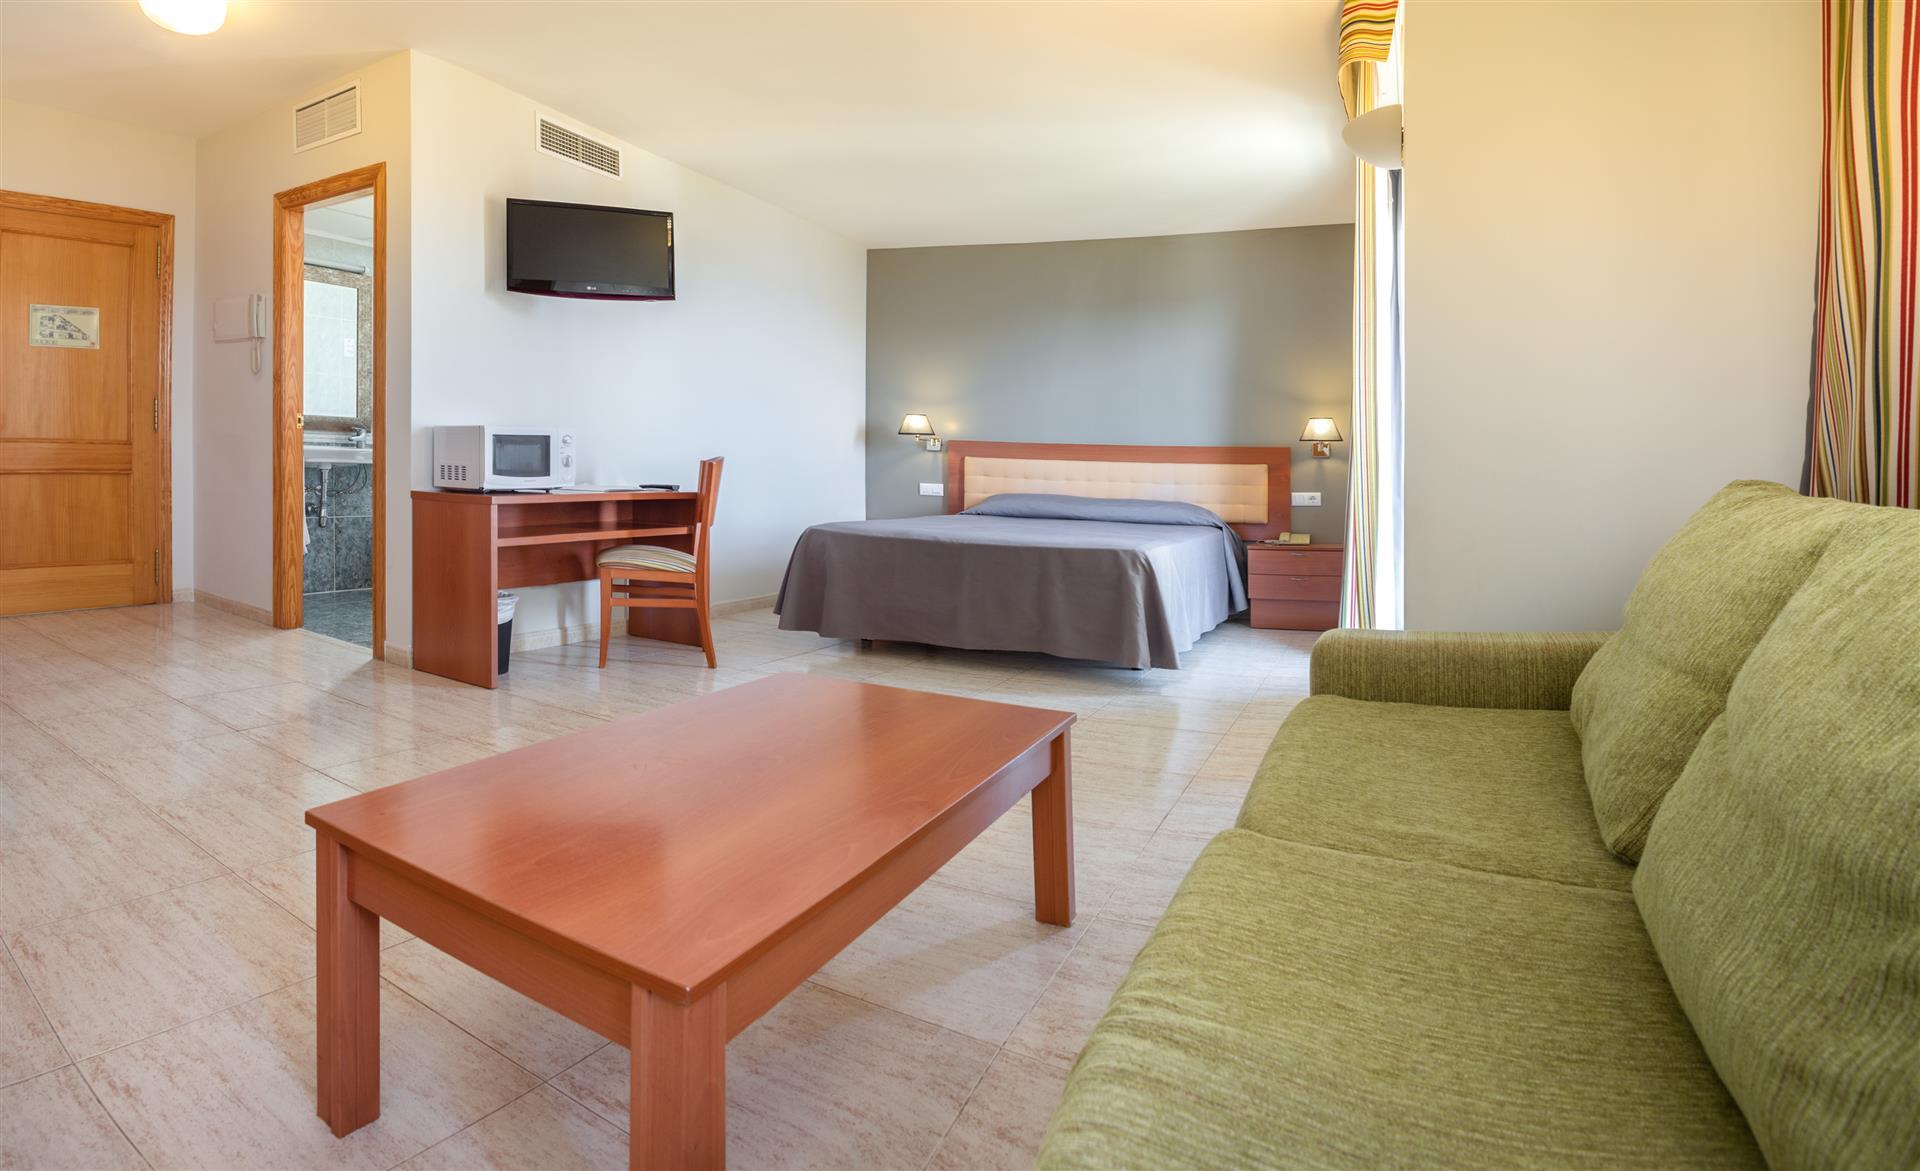 Fotos Estudios RH Vinars Playa  Hoteles en Vinars Castelln